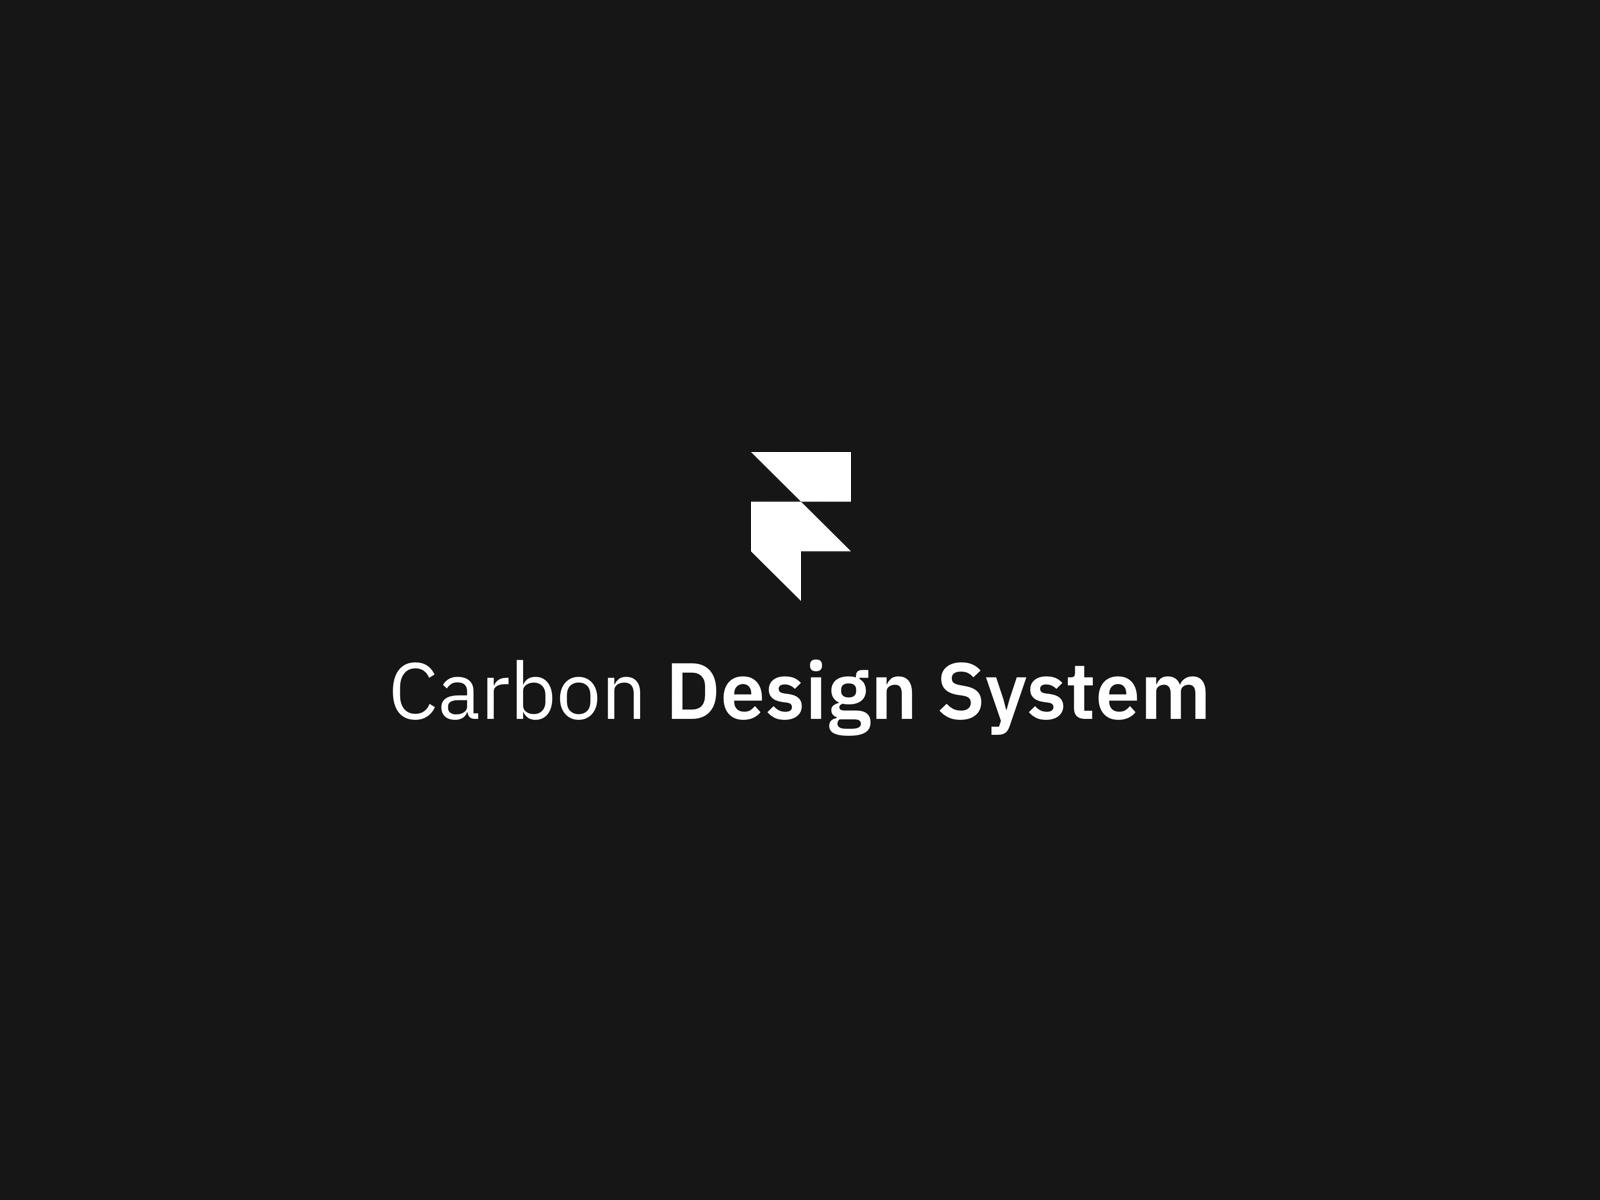 Carbon Design System